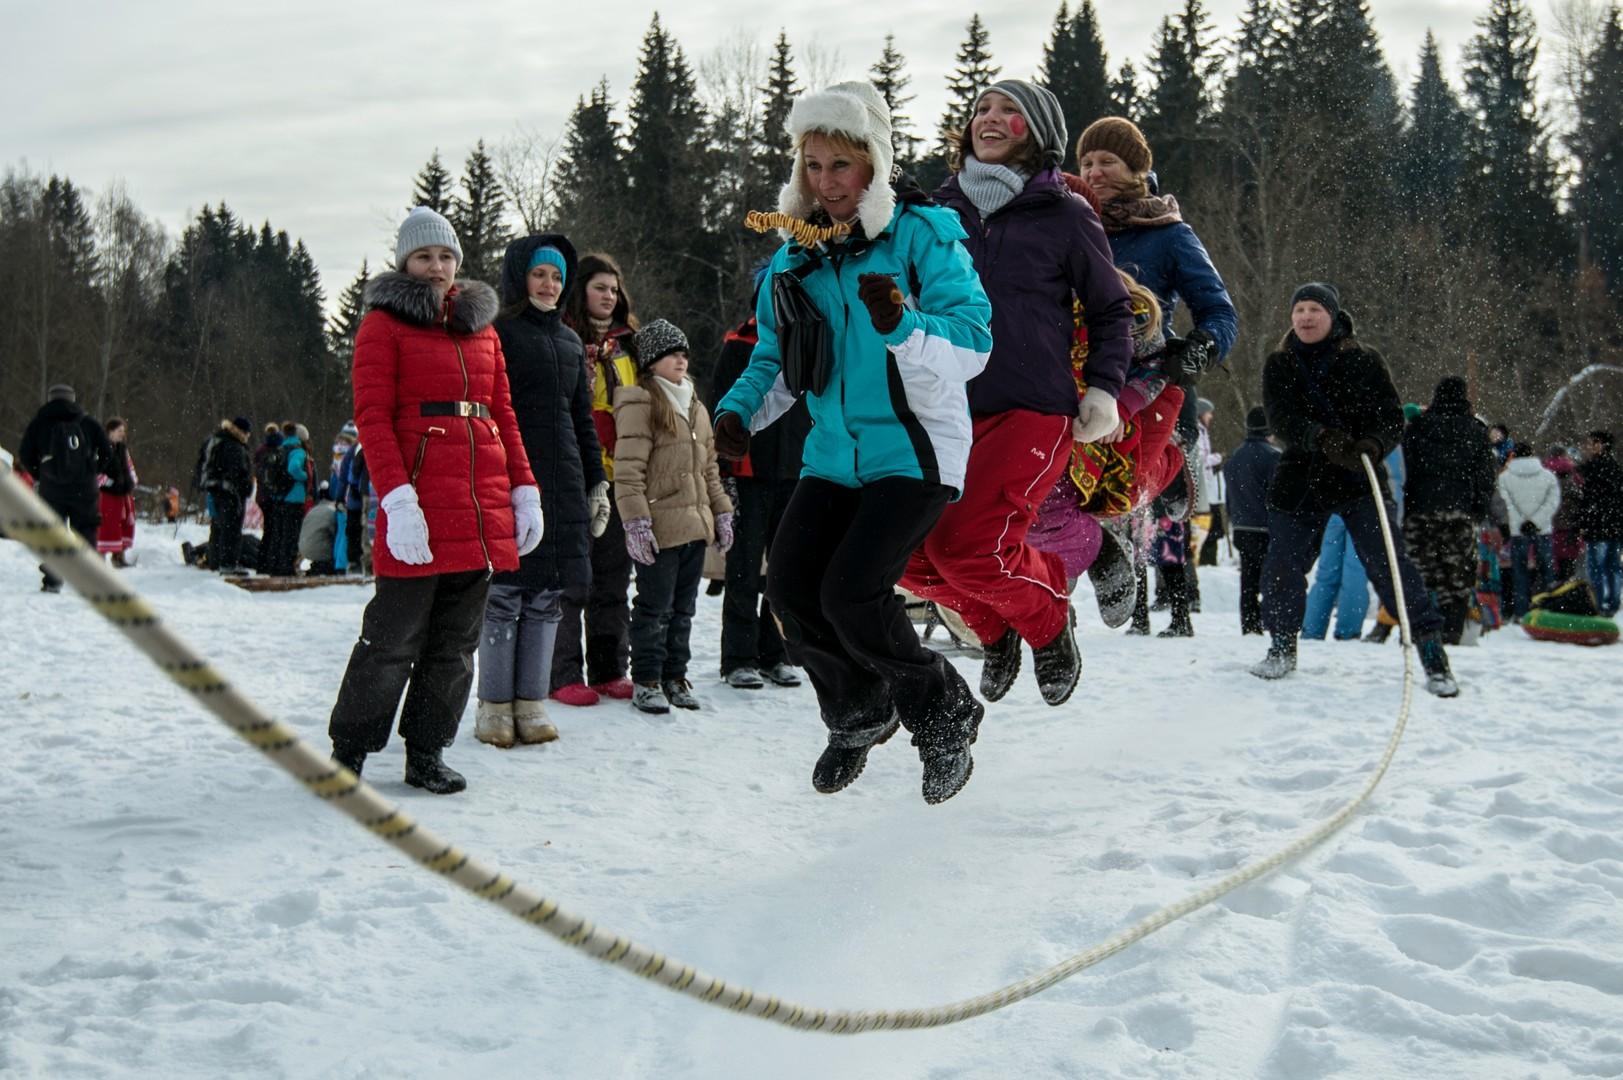 Seilspringen ist lustiger, wenn man zu viert springt. Gebiet Moskau